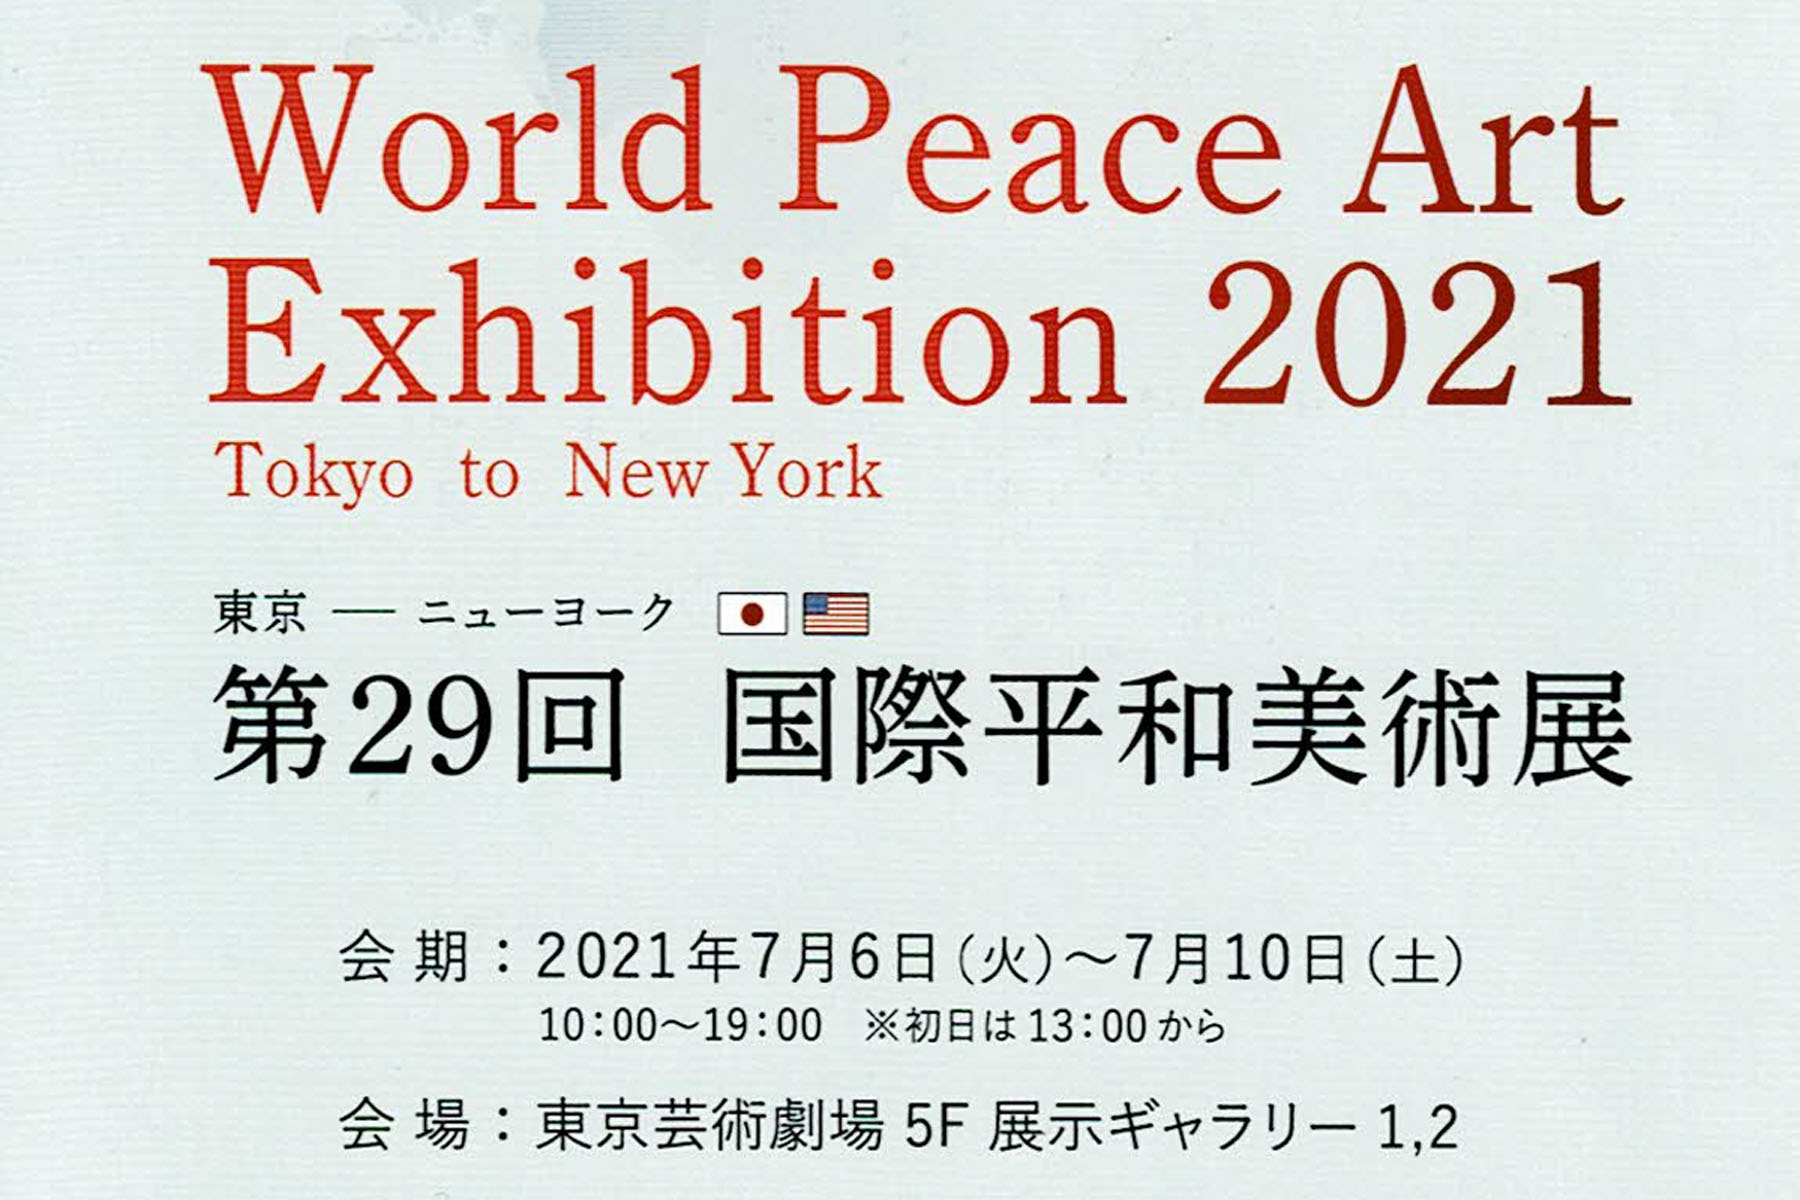 7月6日(火)~10日(土)第29回国際平和美術展 in 東京都